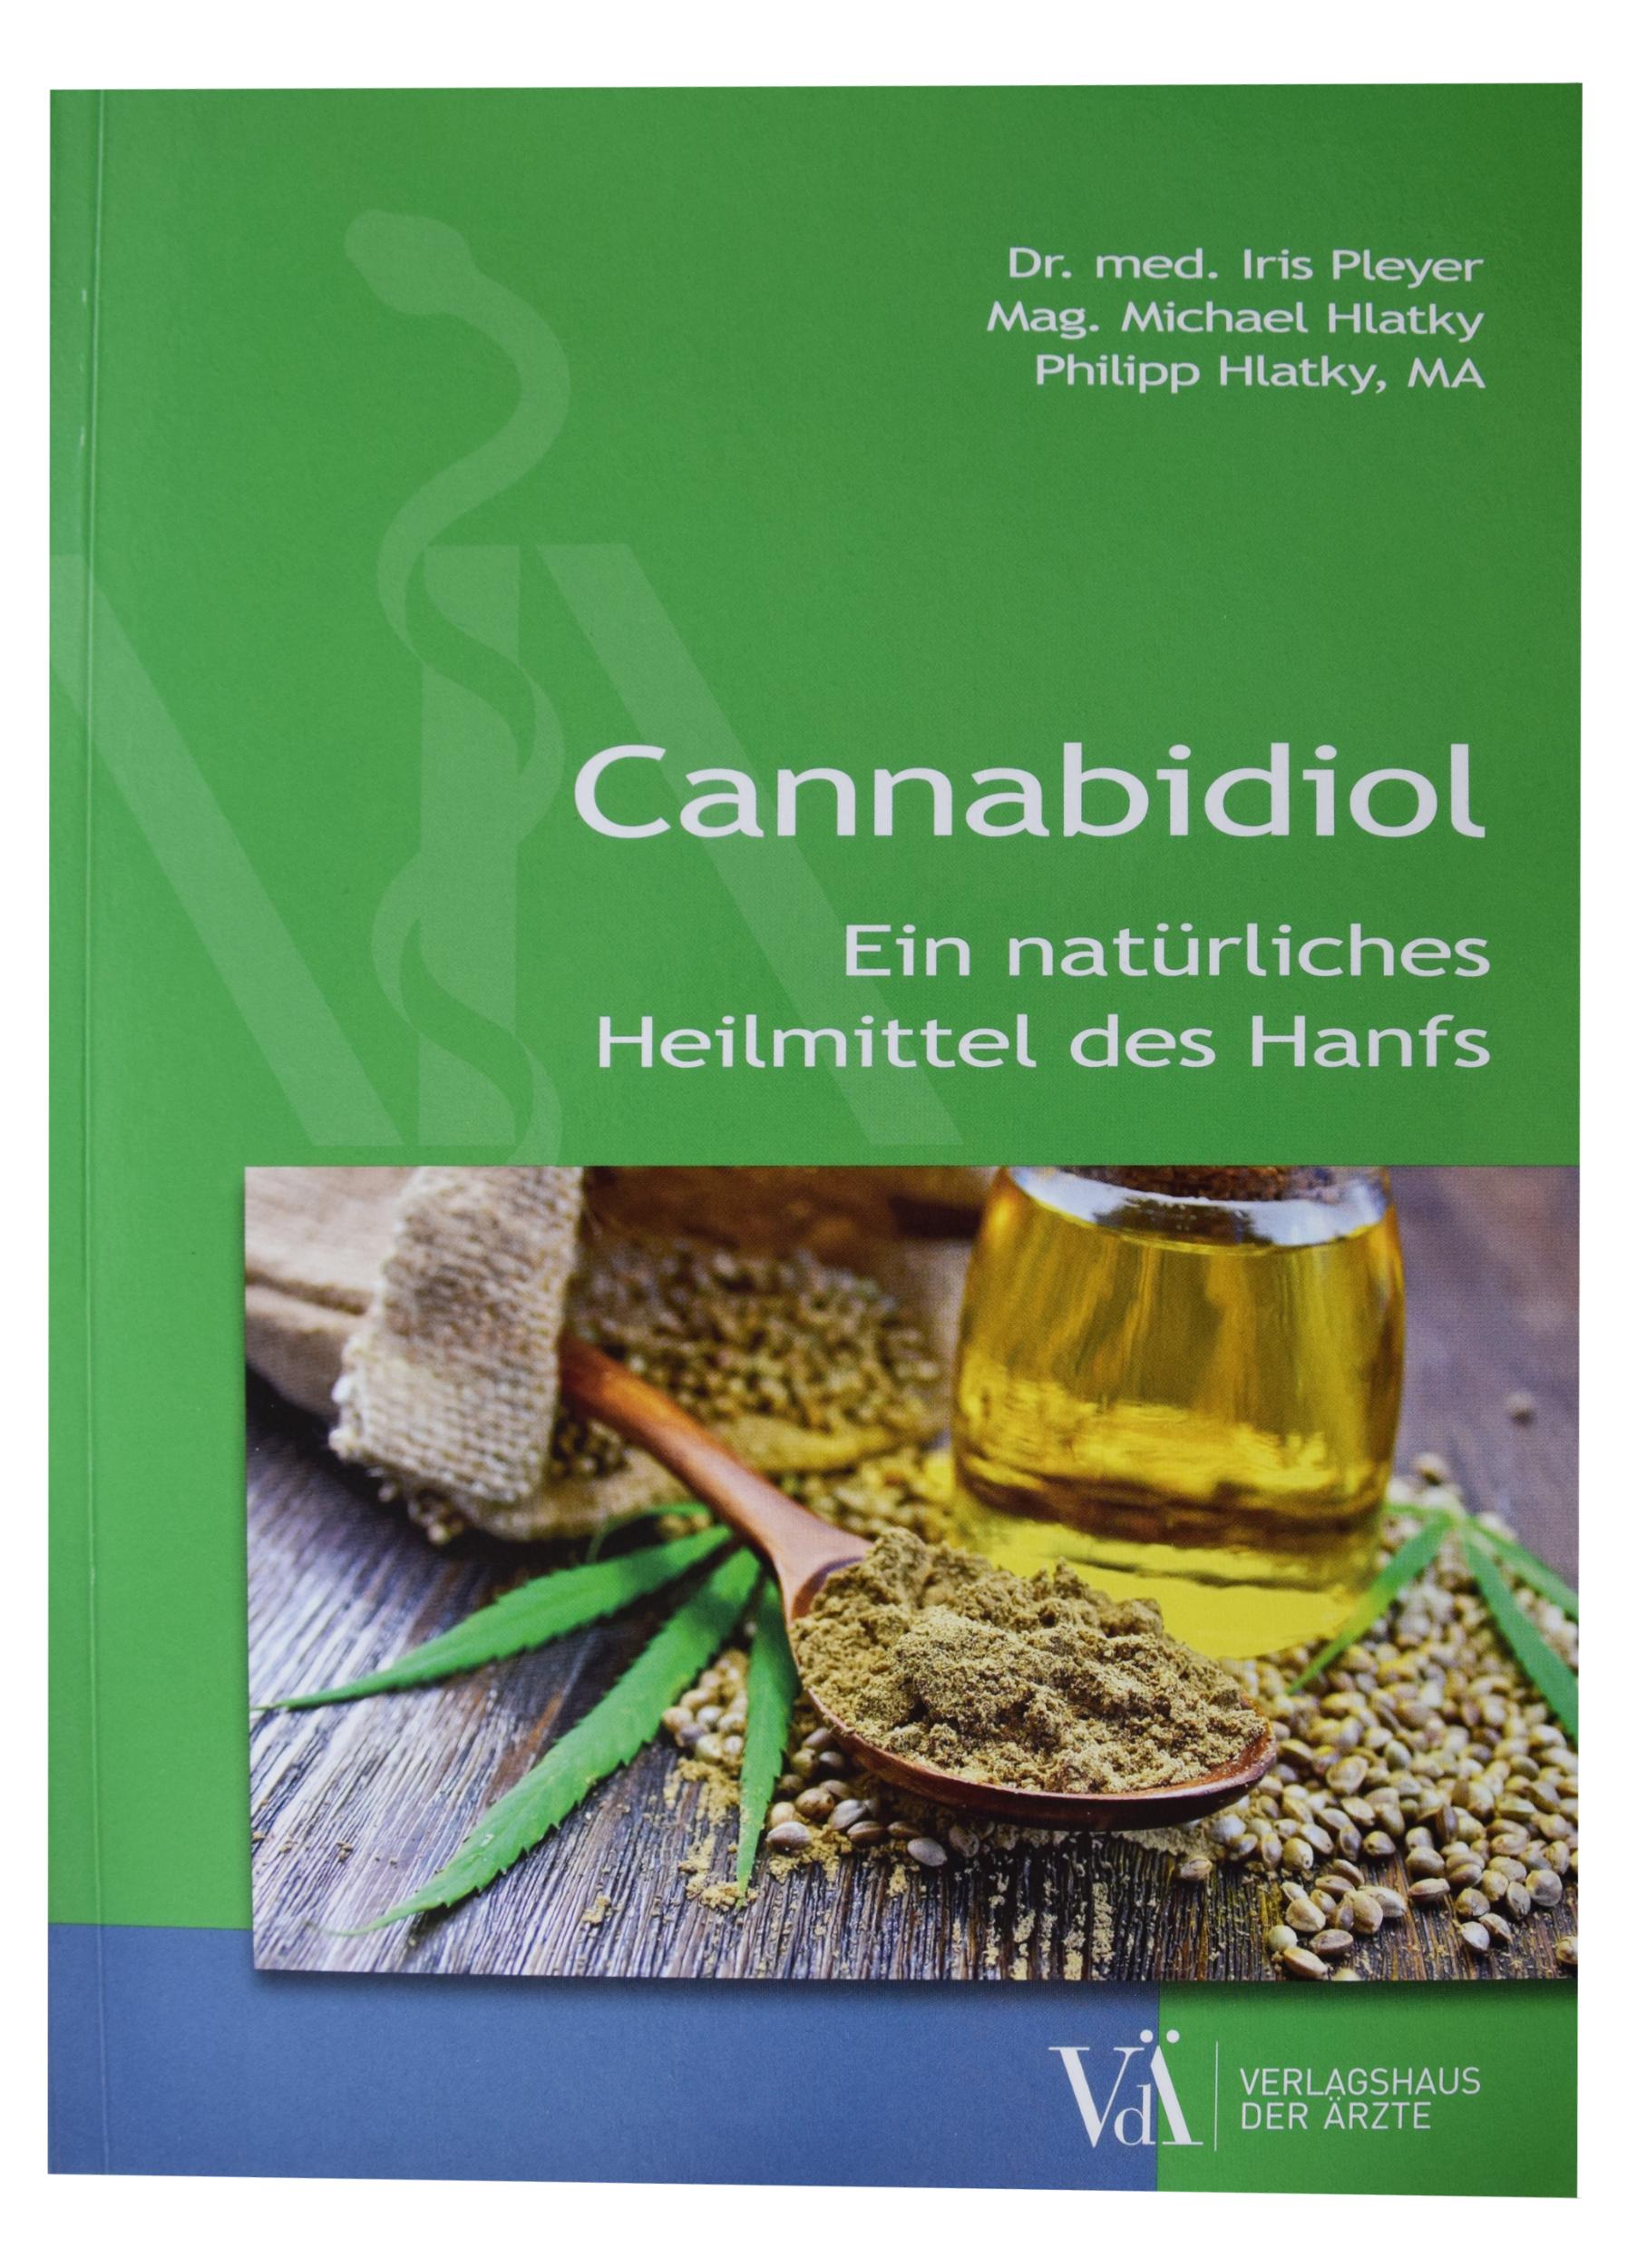 Buch: CBD 10% Bio-Hanföl Vollextrakt